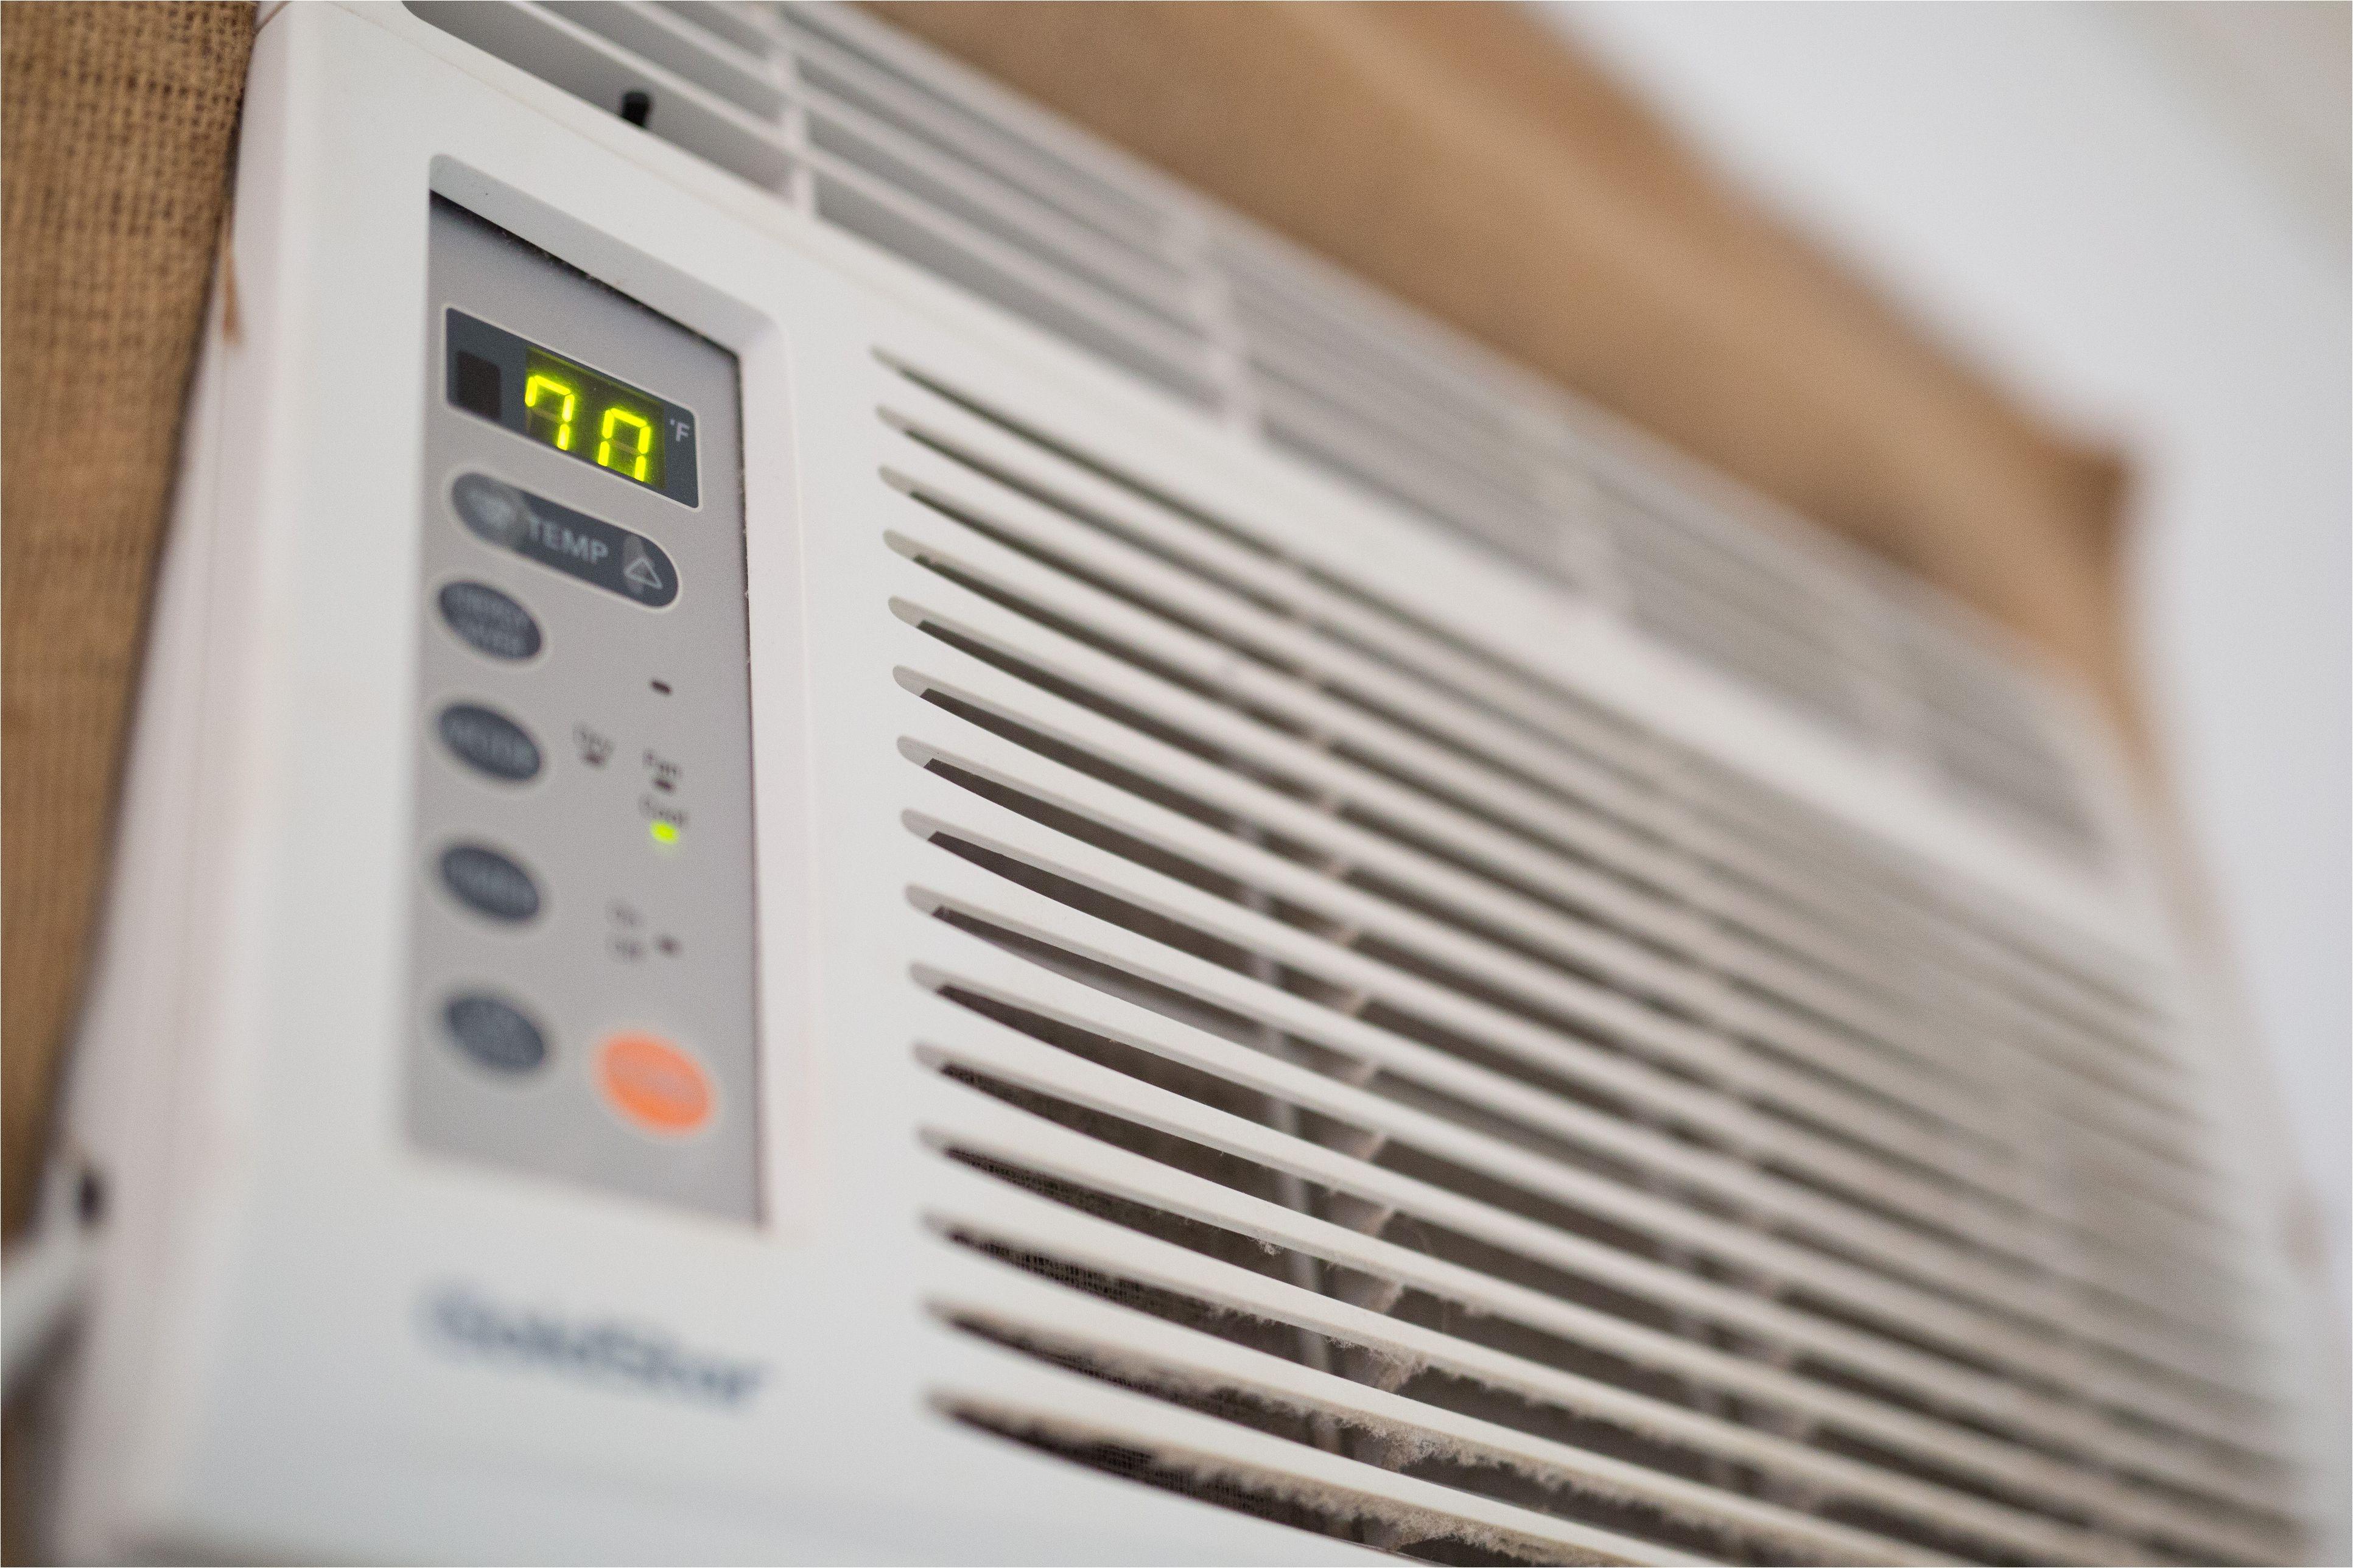 air conditioner 525397795 59e785a3519de20012ac4e2e jpg